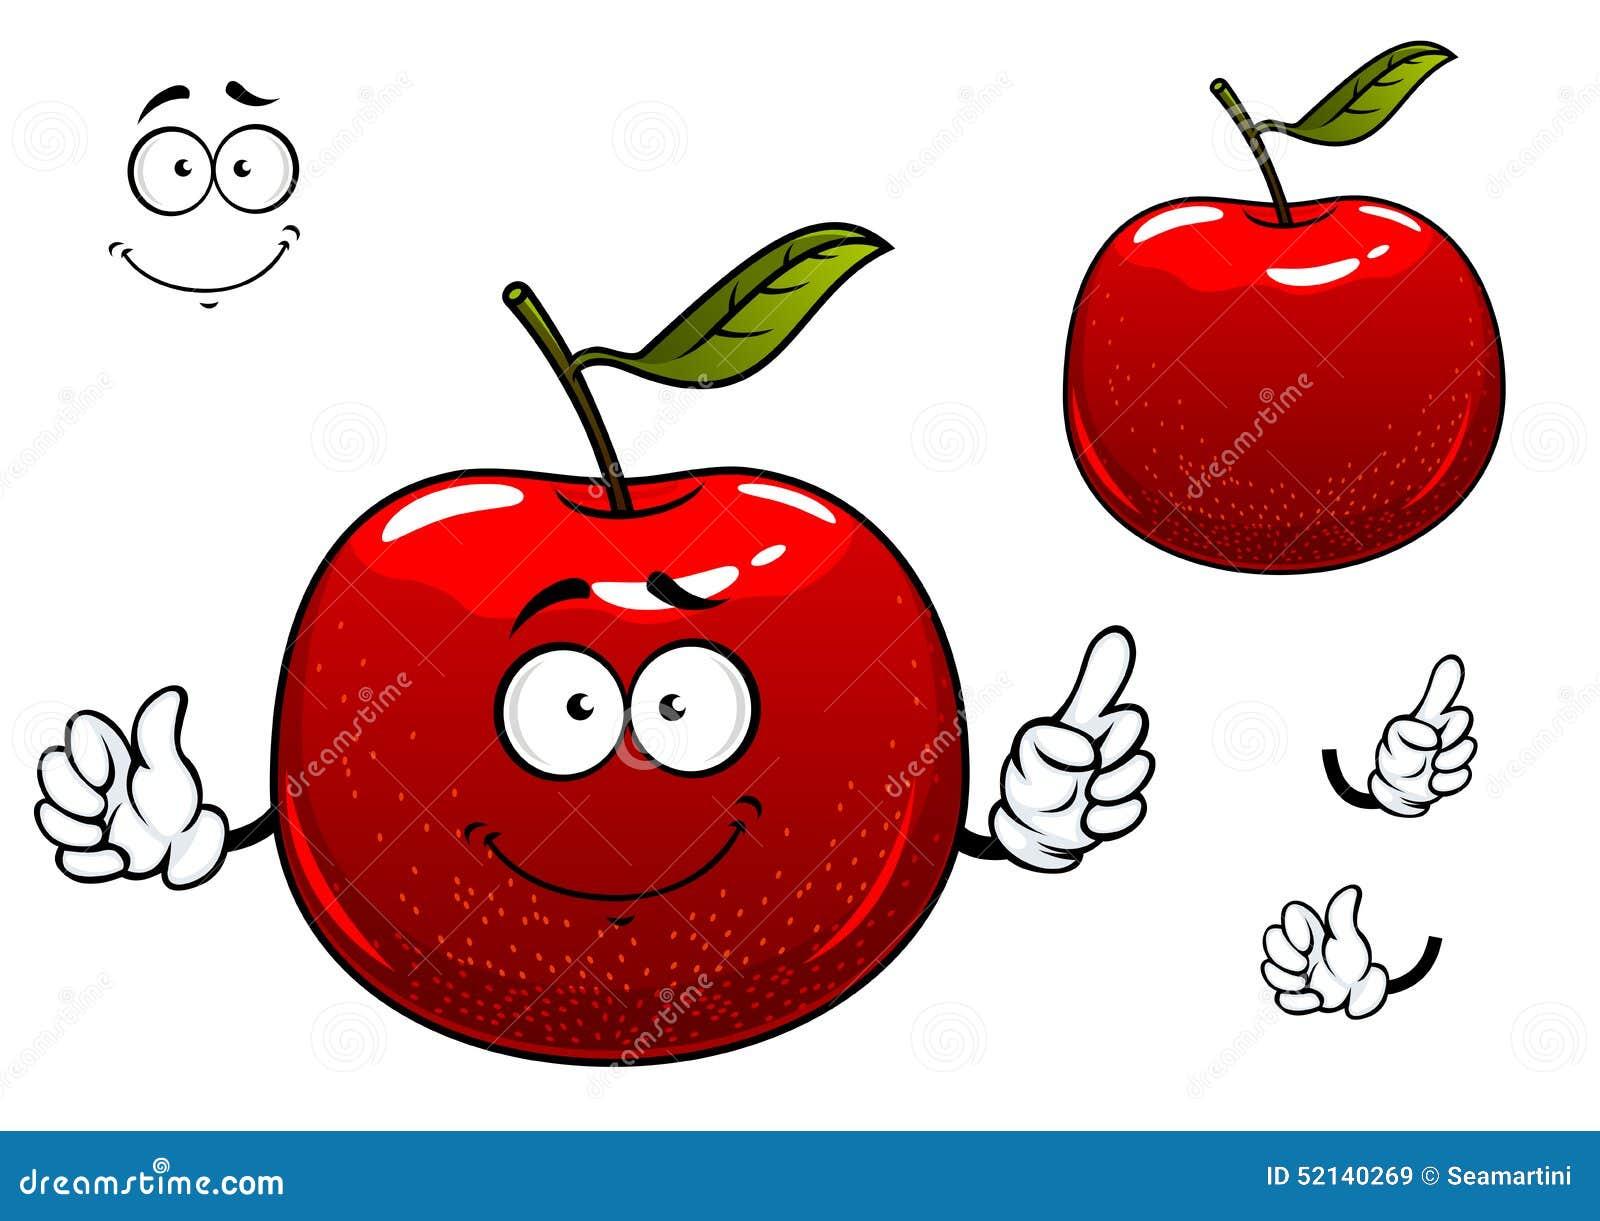 红色嘎吱咬嚼的苹果果子漫画人物图片